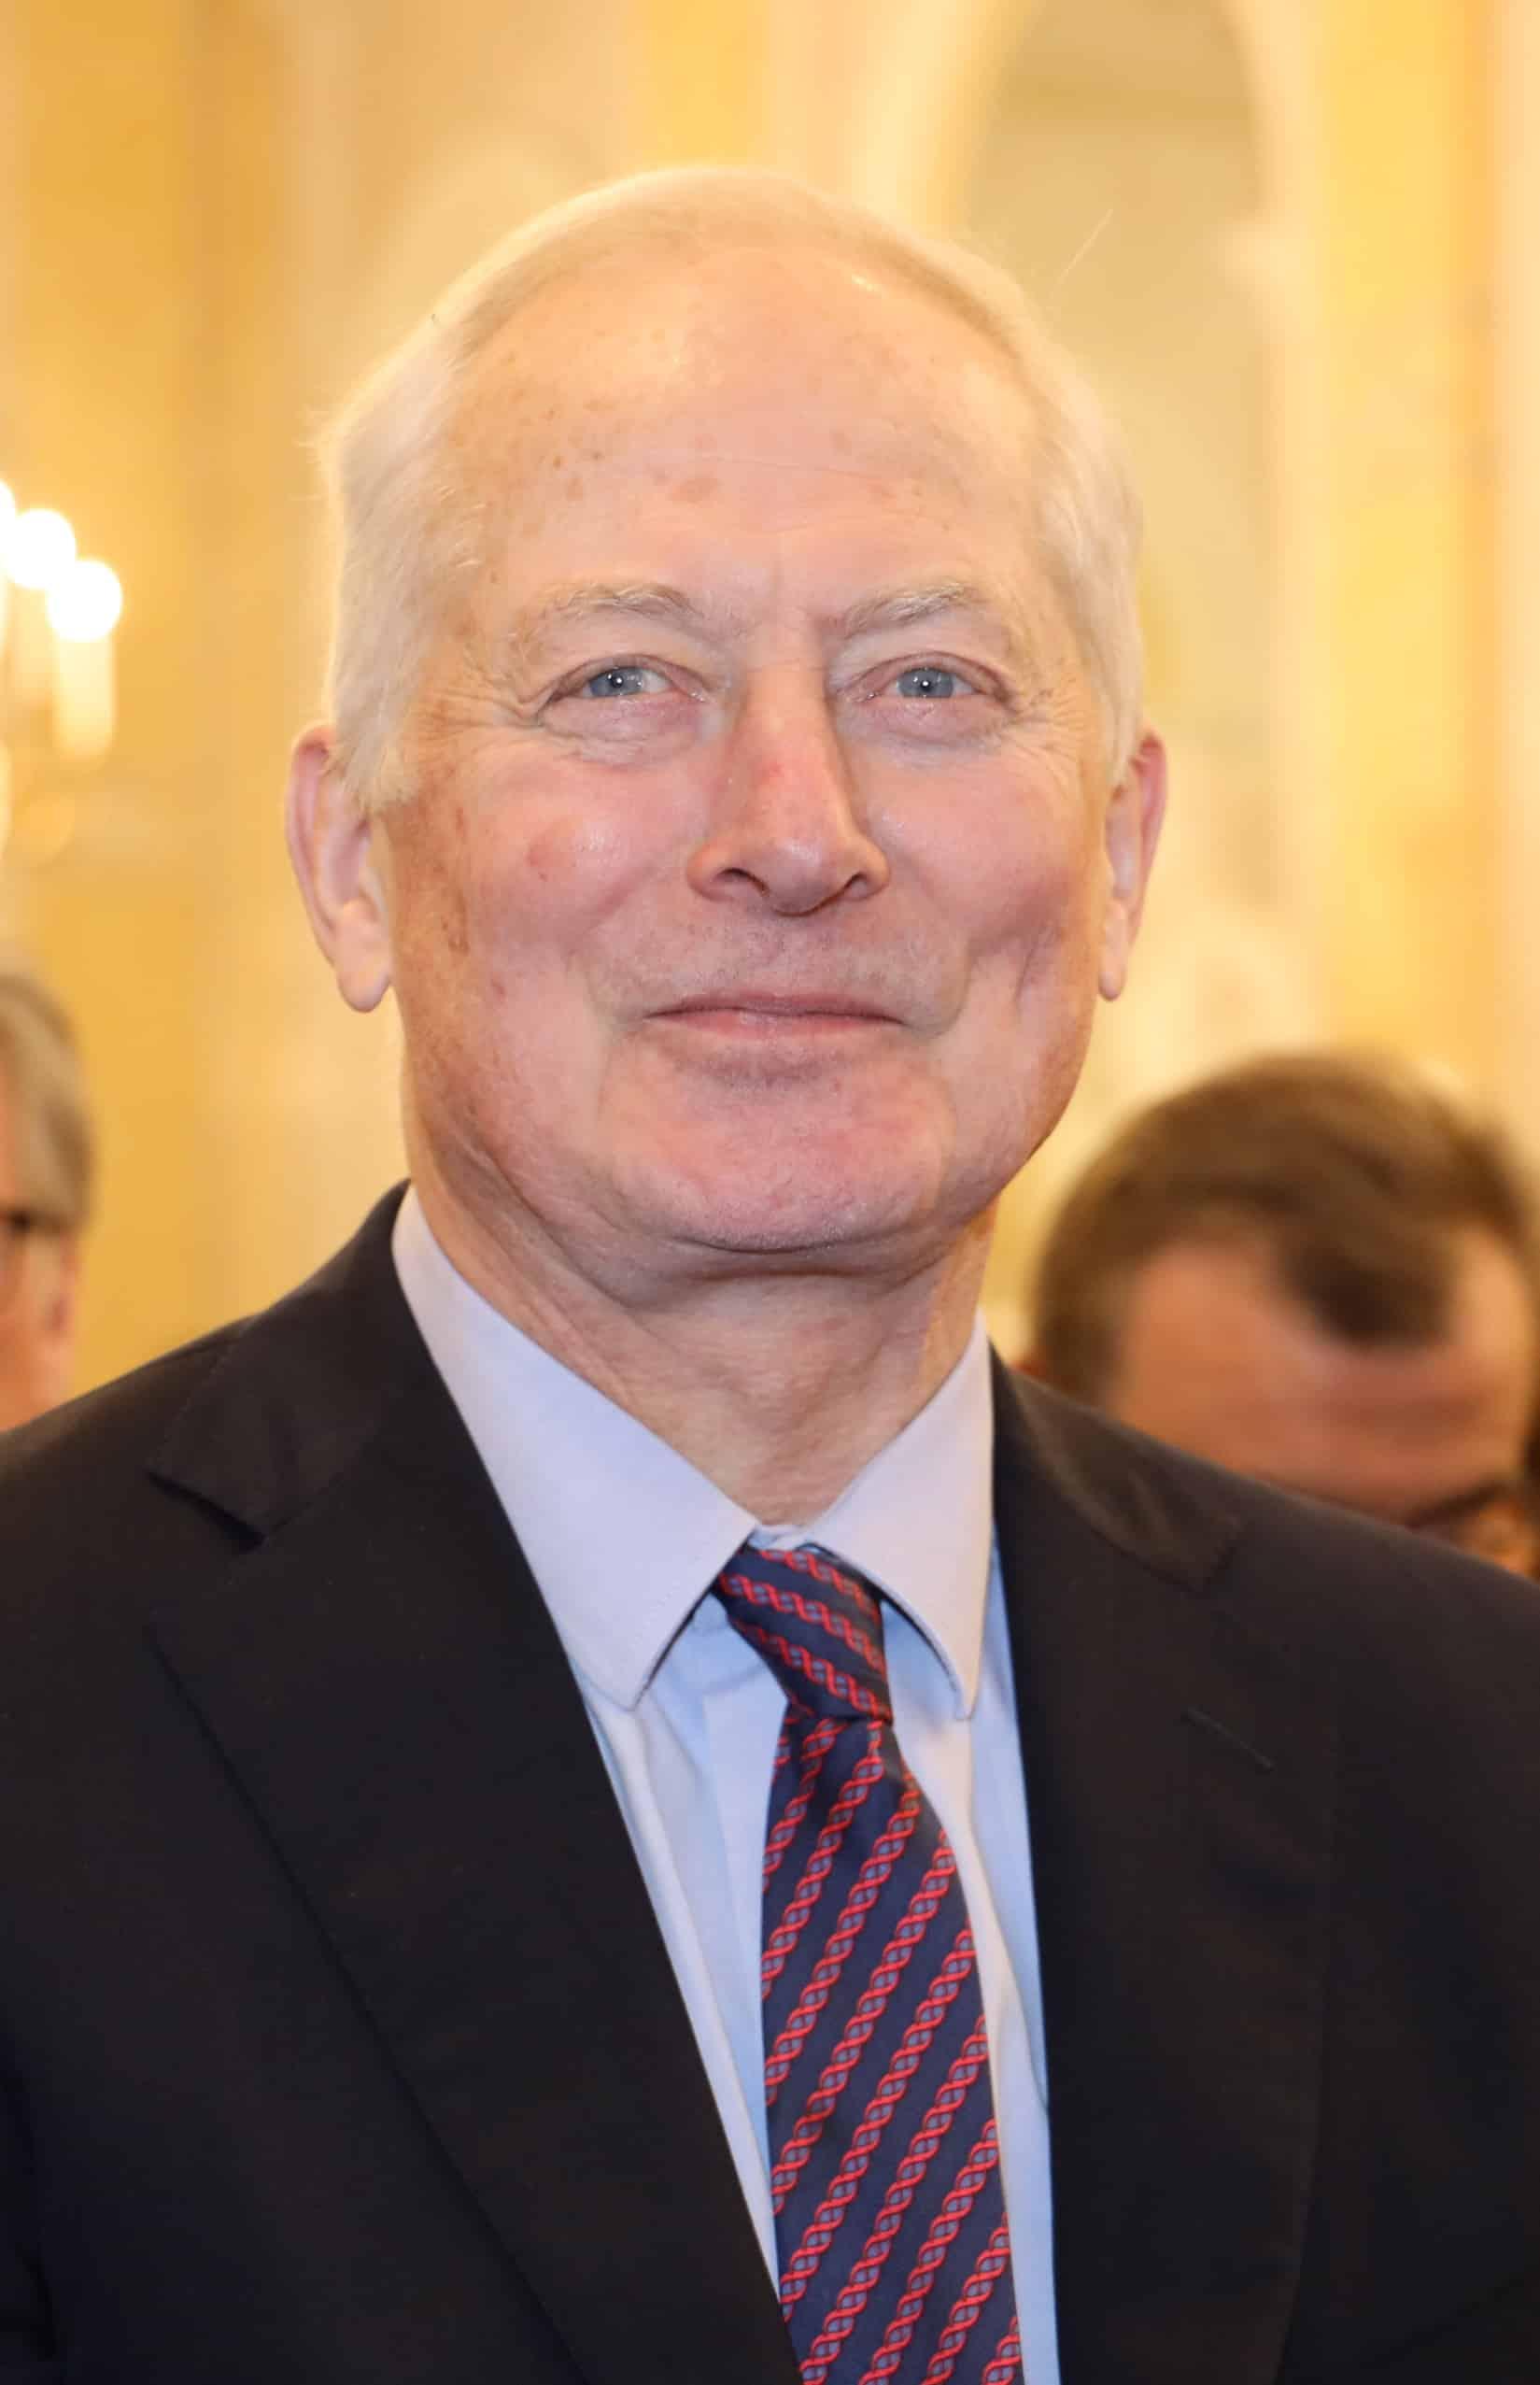 Hans-Adam von und zu Liechtenstein